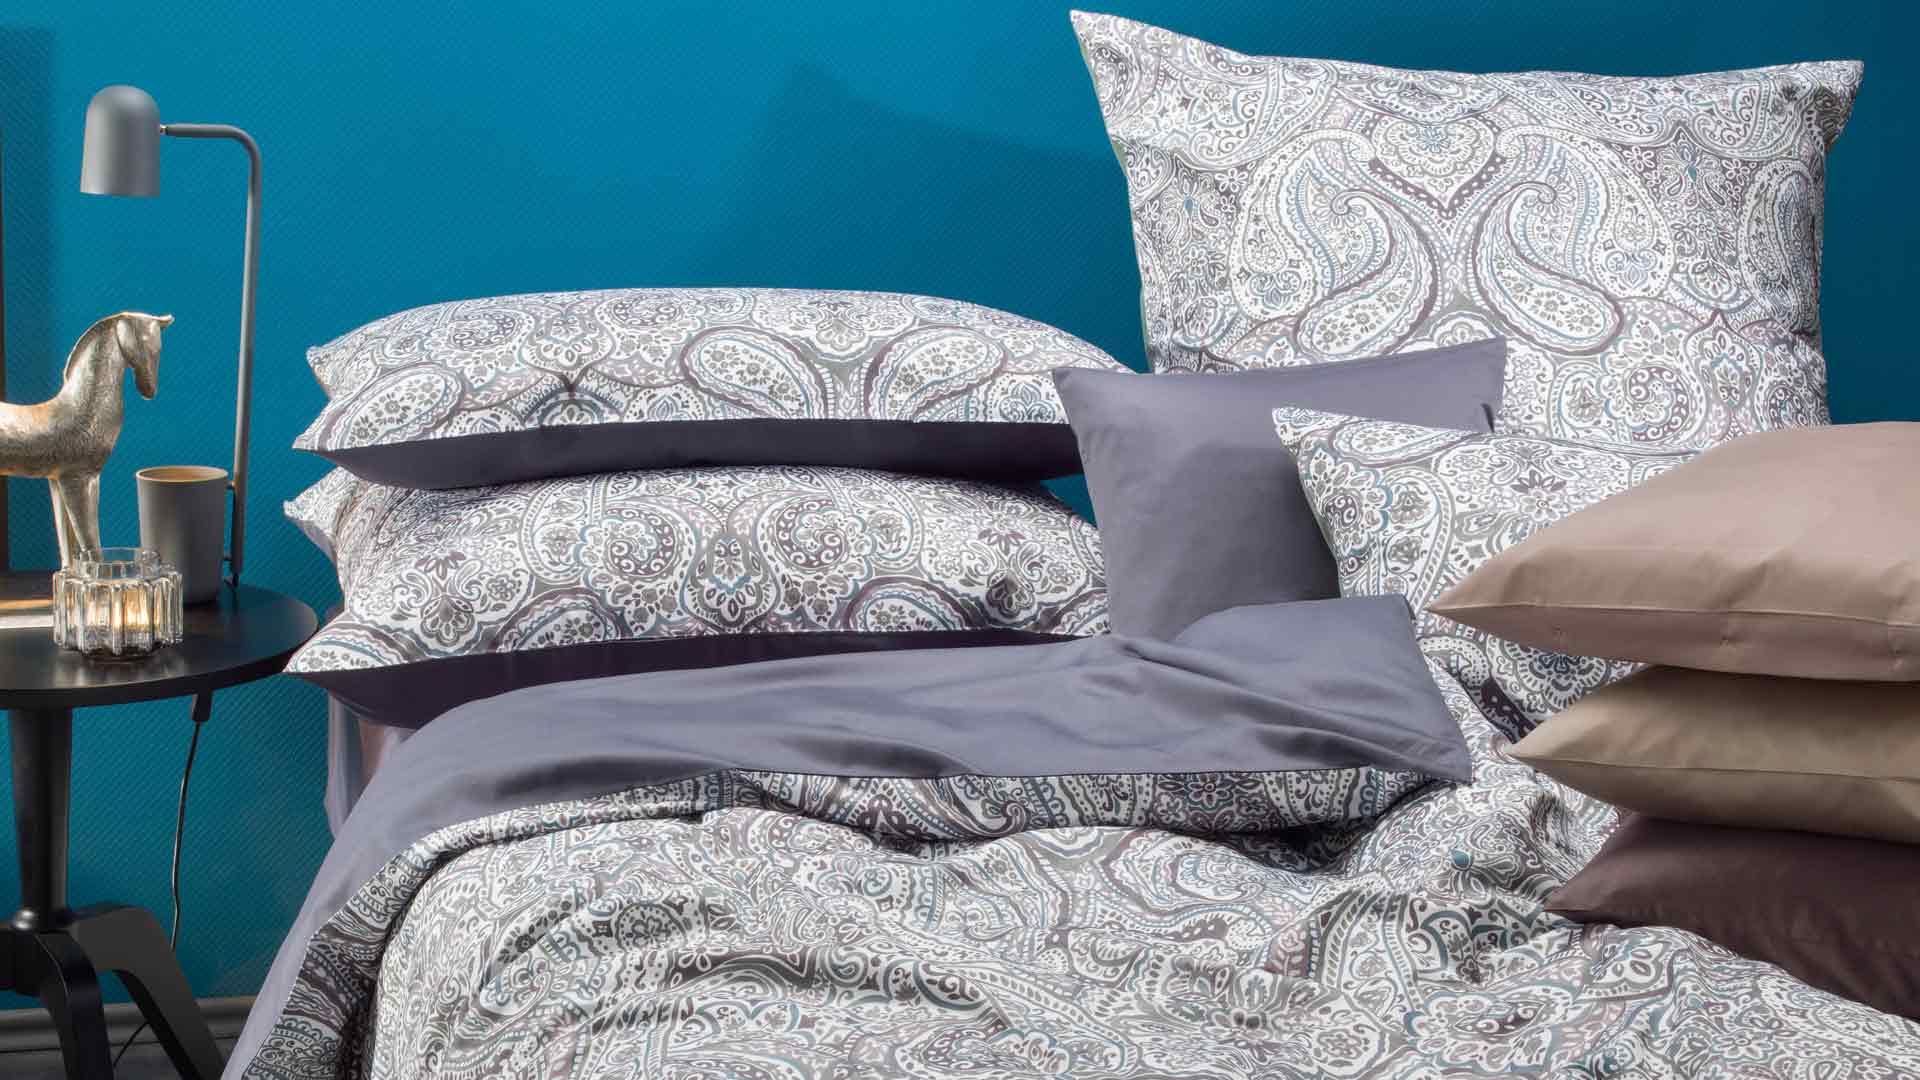 betten hoenscheidt matratzen bettwaesche13 betten h nscheidt. Black Bedroom Furniture Sets. Home Design Ideas